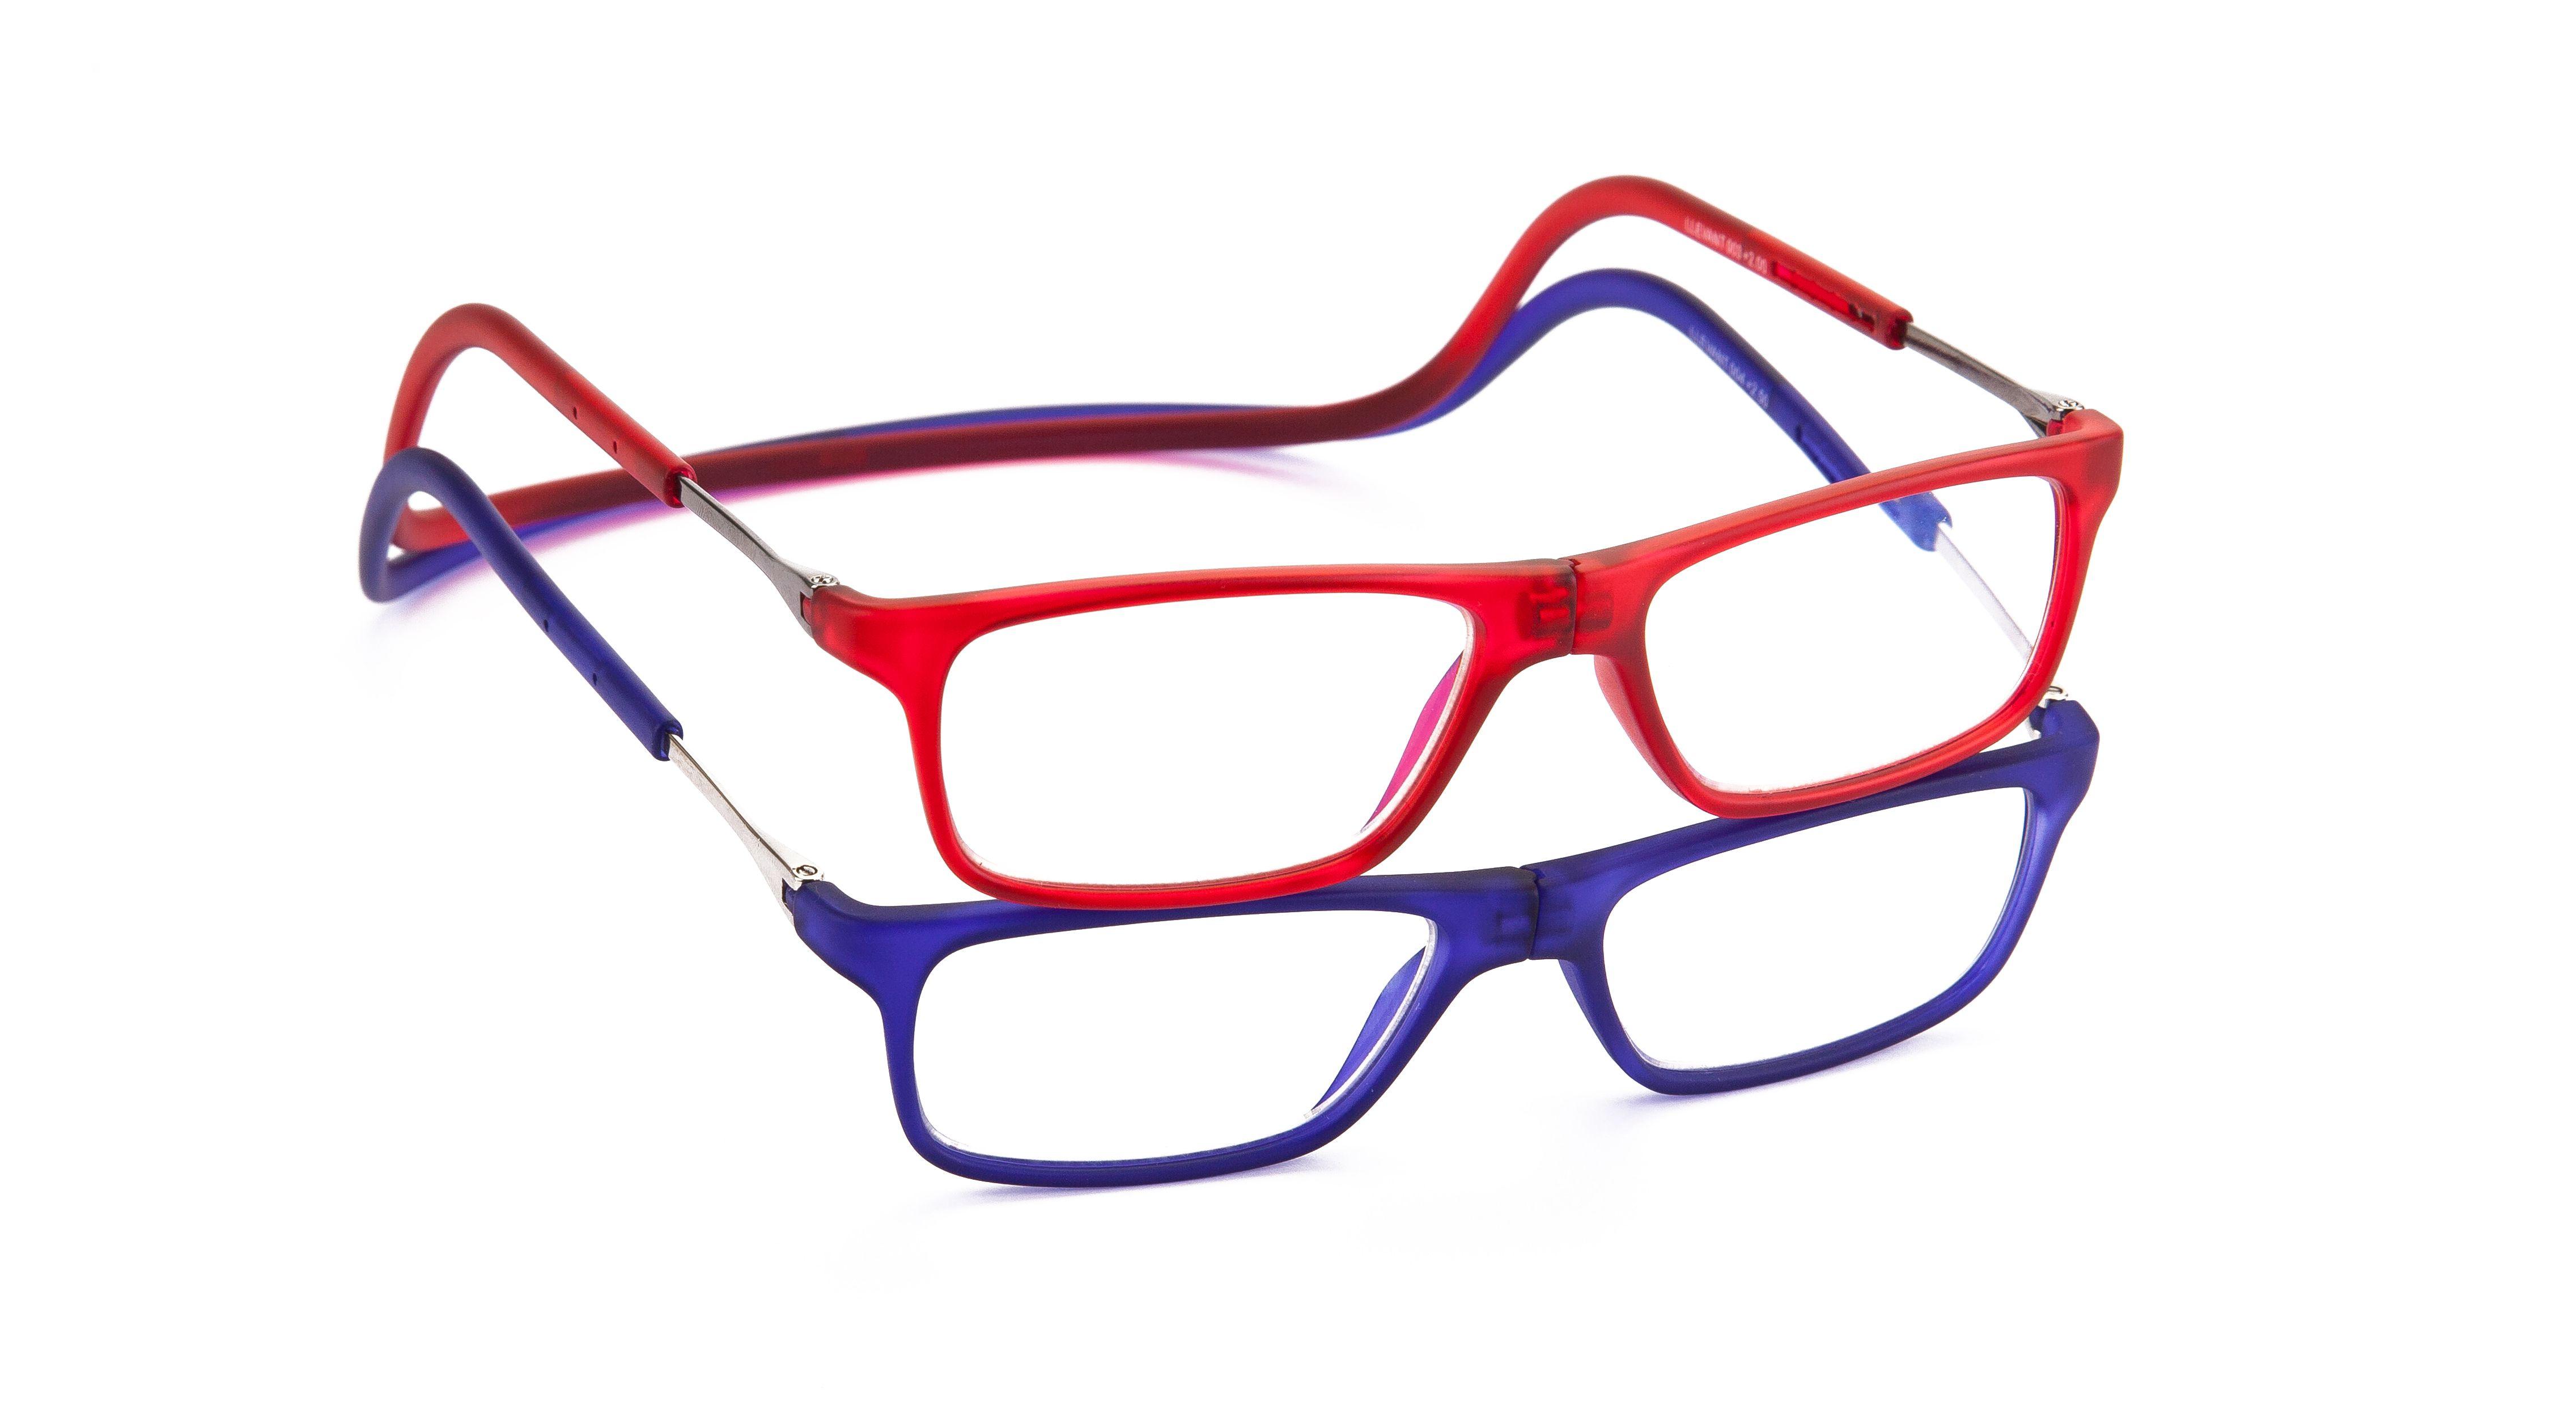 7fbda285a3 Gafas de lectura con conexión frontal magnética y varilla ajustable.  #eyewear #bereader #gafalectura #Llevant